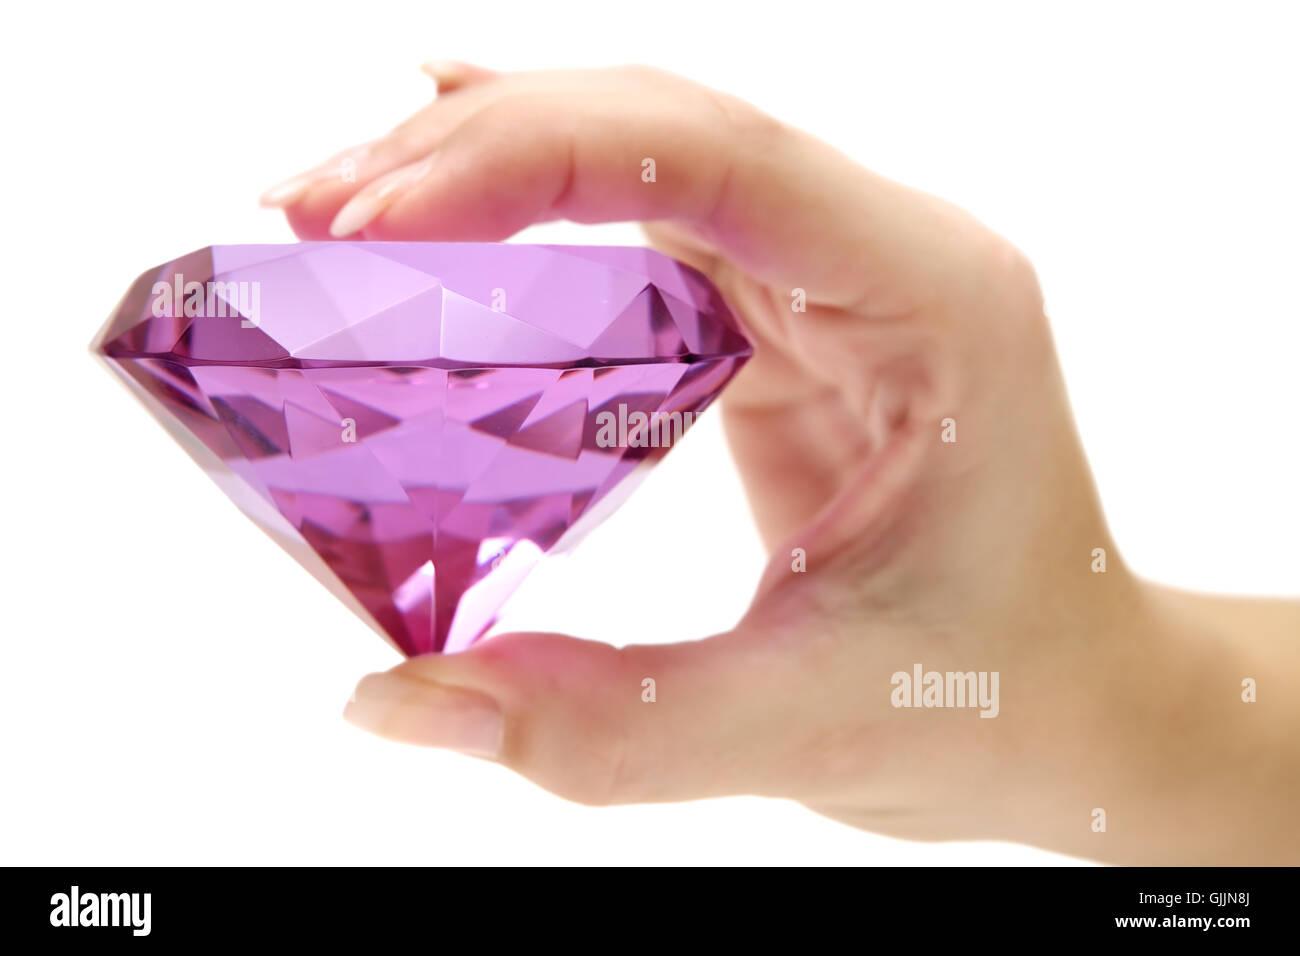 Diamond Jewelry Hand Stock Photos & Diamond Jewelry Hand Stock ...